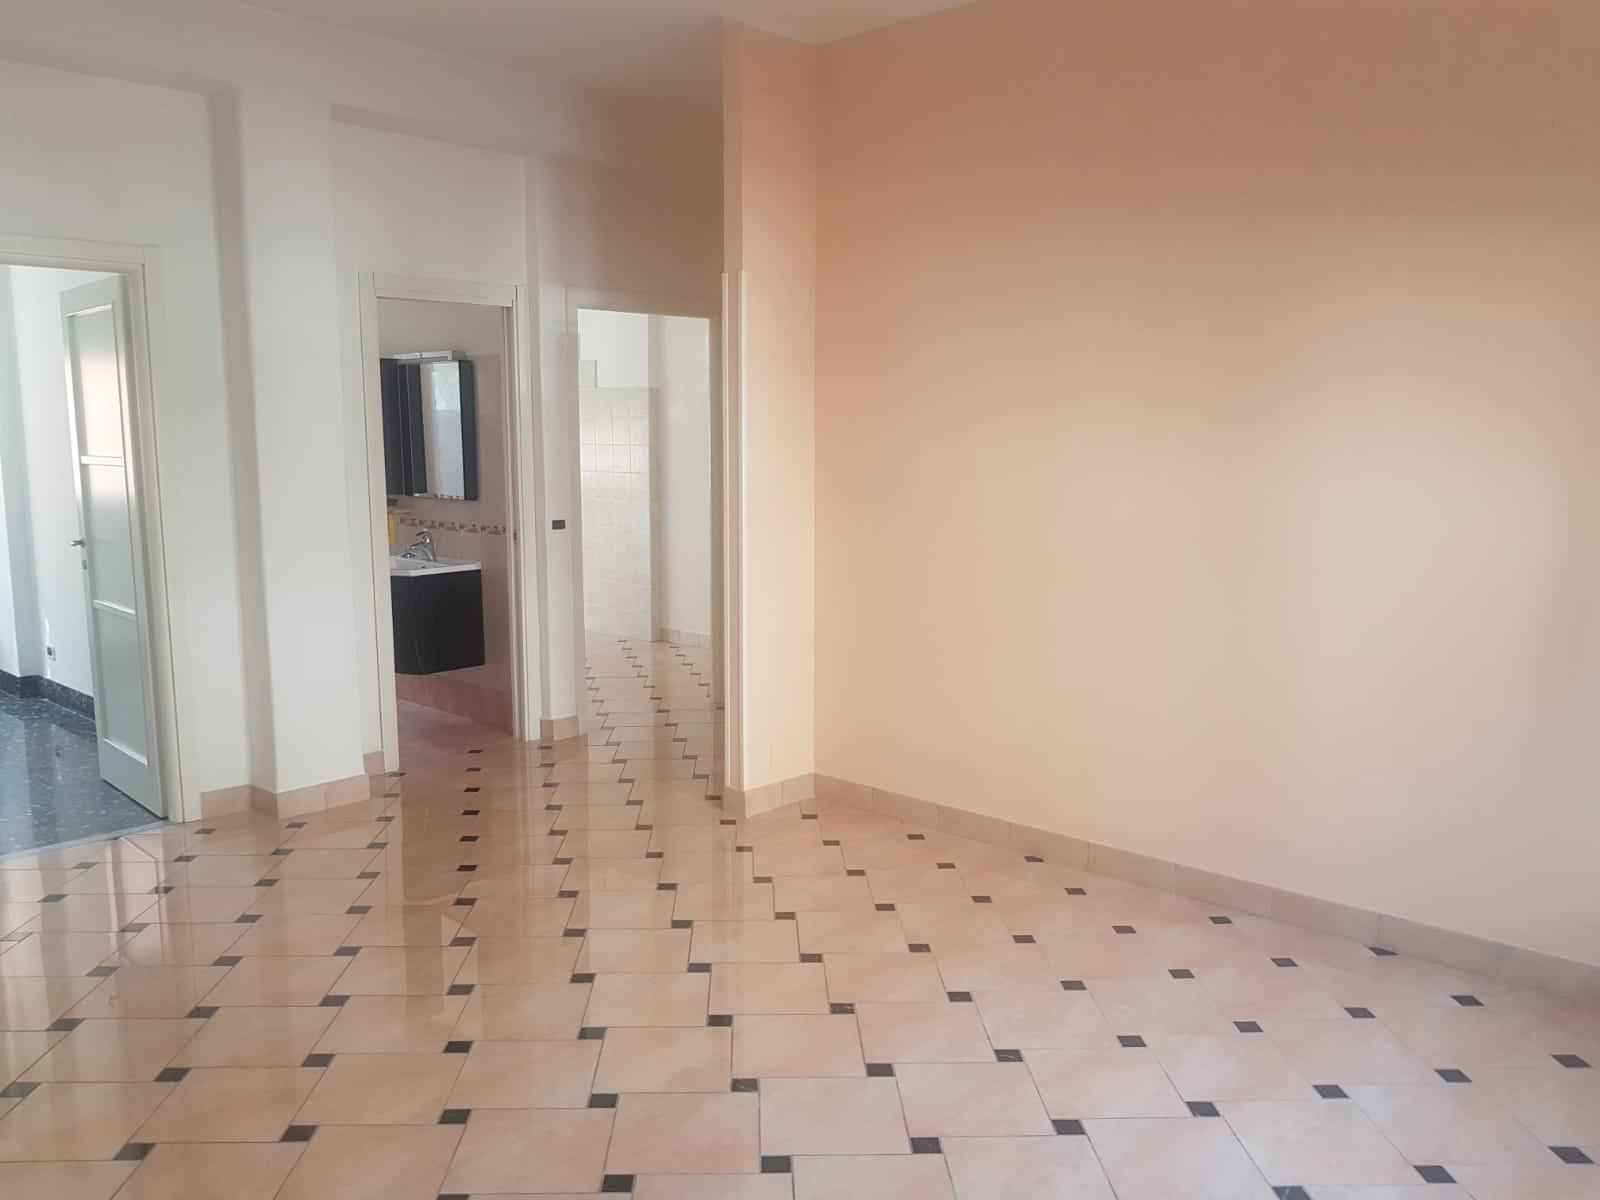 Appartamento in vendita a Guidonia Montecelio, 3 locali, zona Zona: Guidonia, prezzo € 128.000 | CambioCasa.it